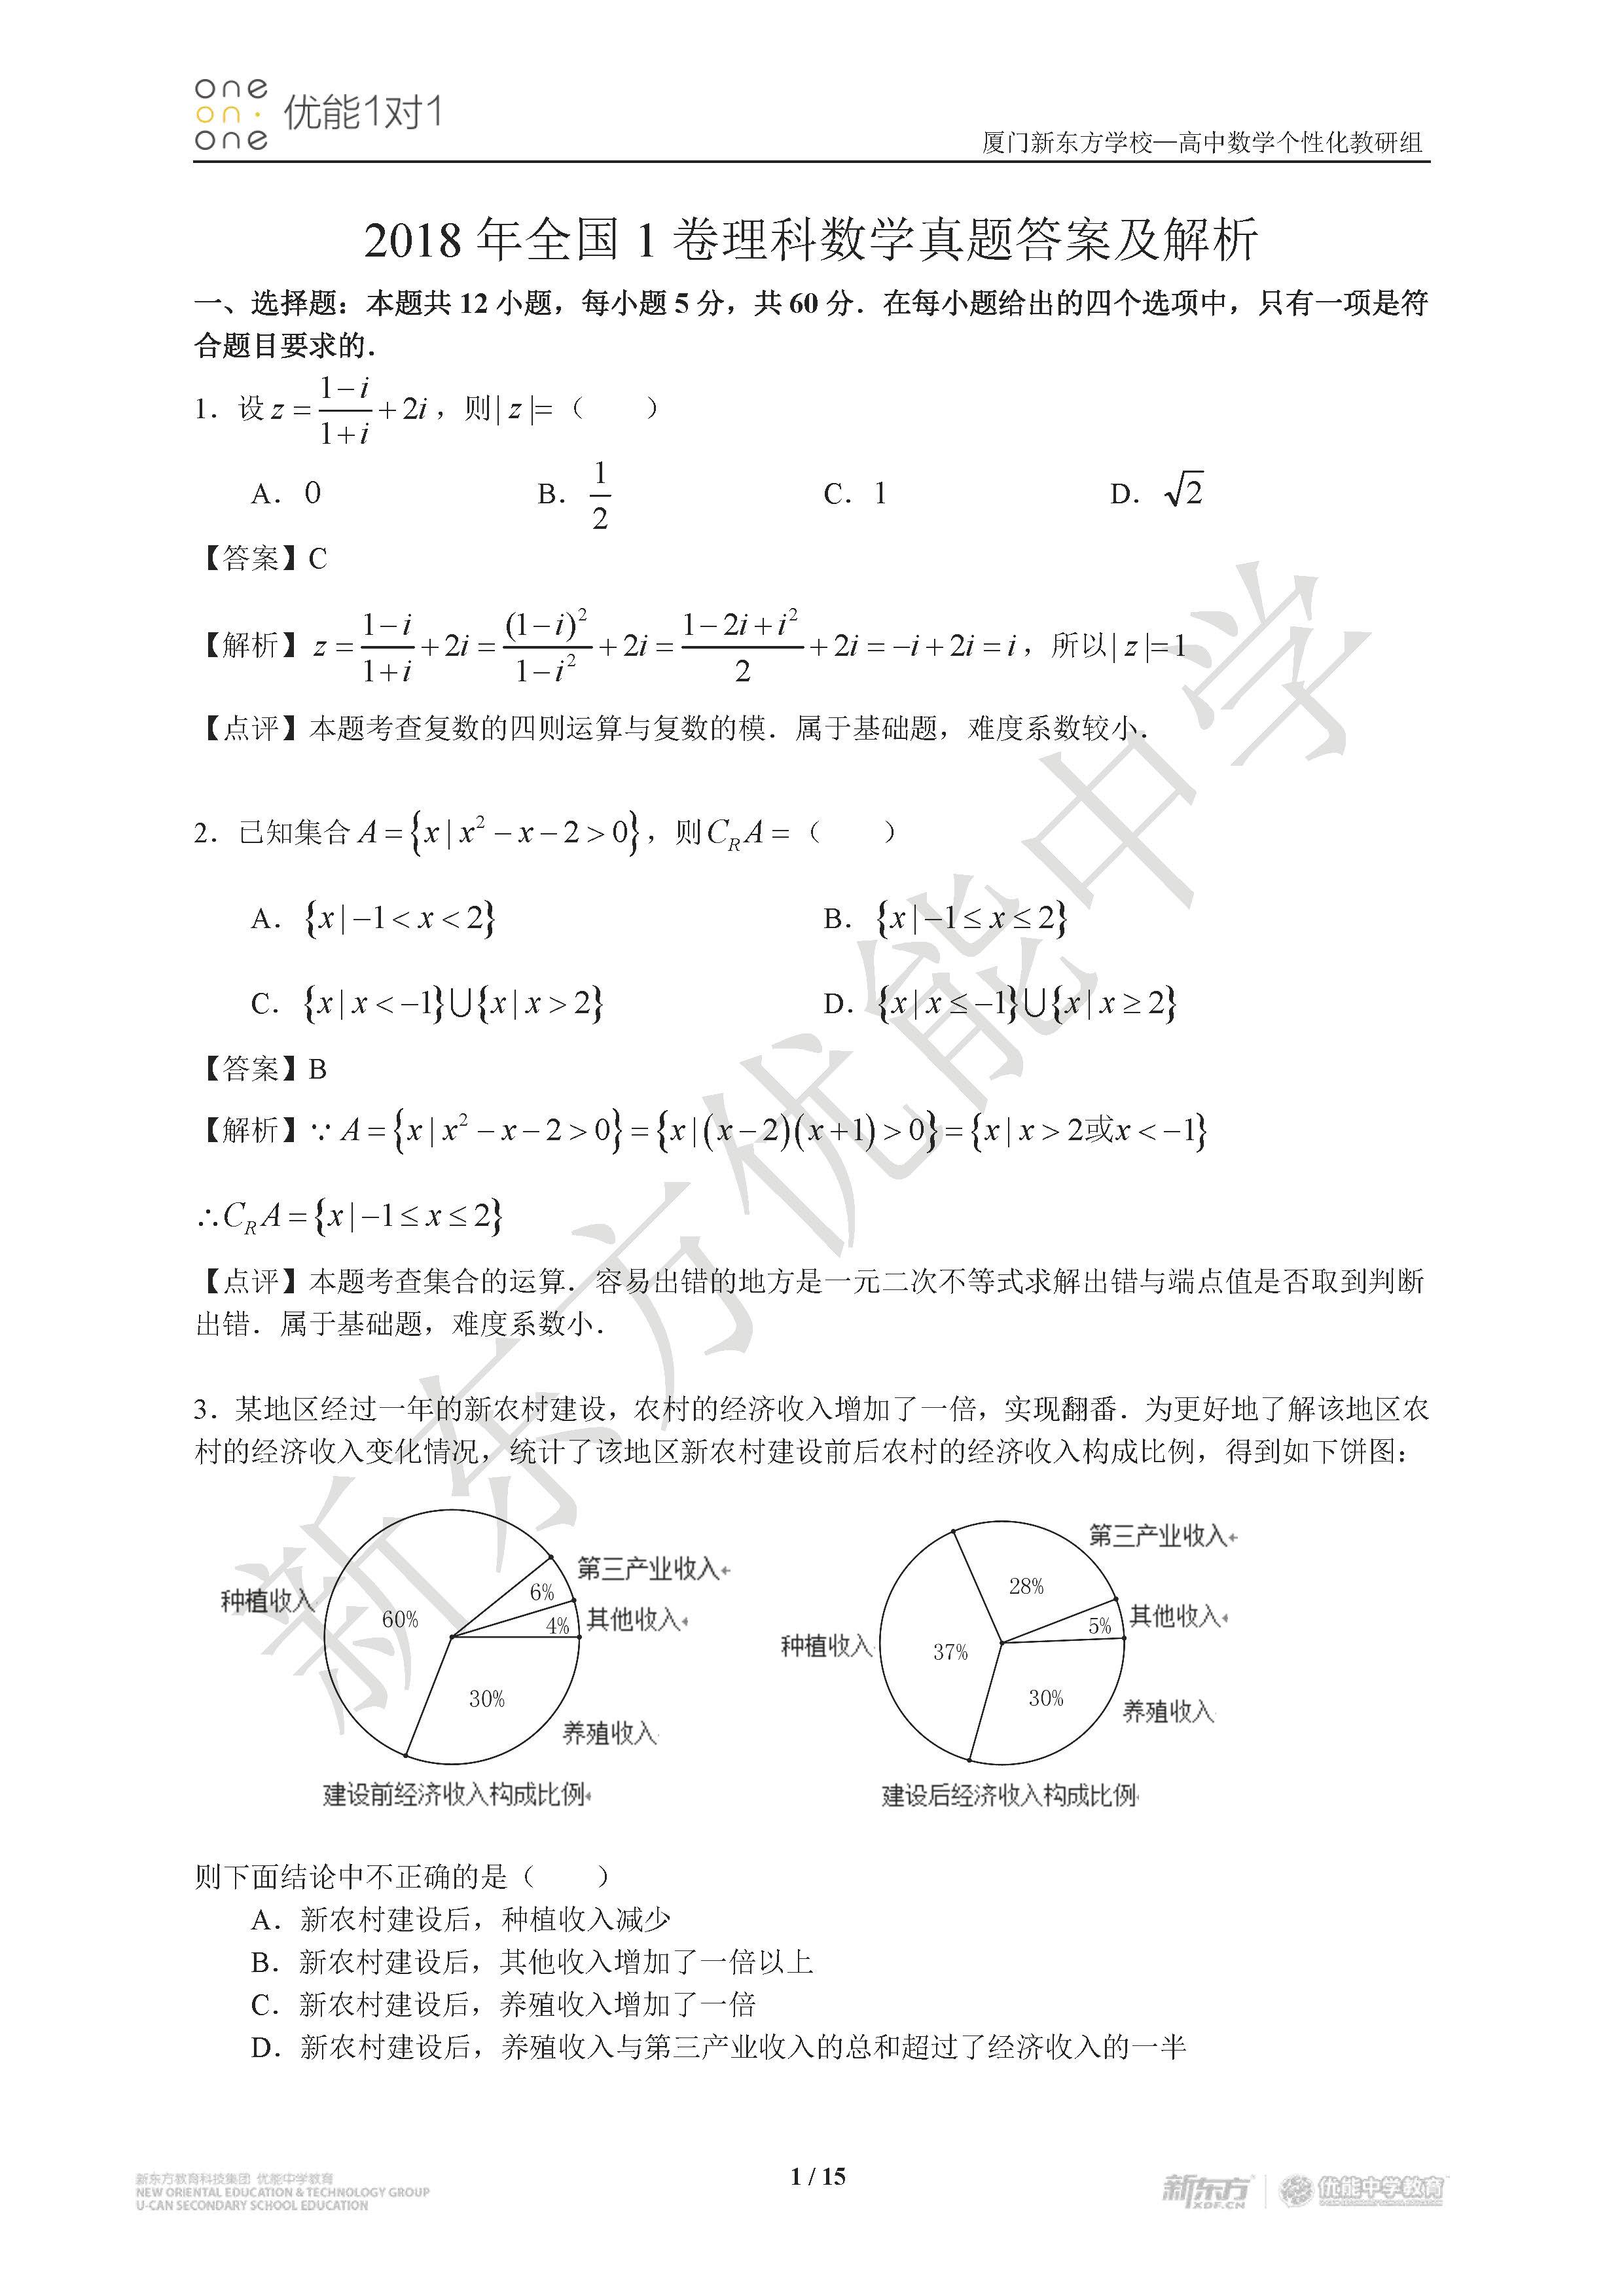 2018全国卷1高考数学理试题及答案解析(厦门新东方)